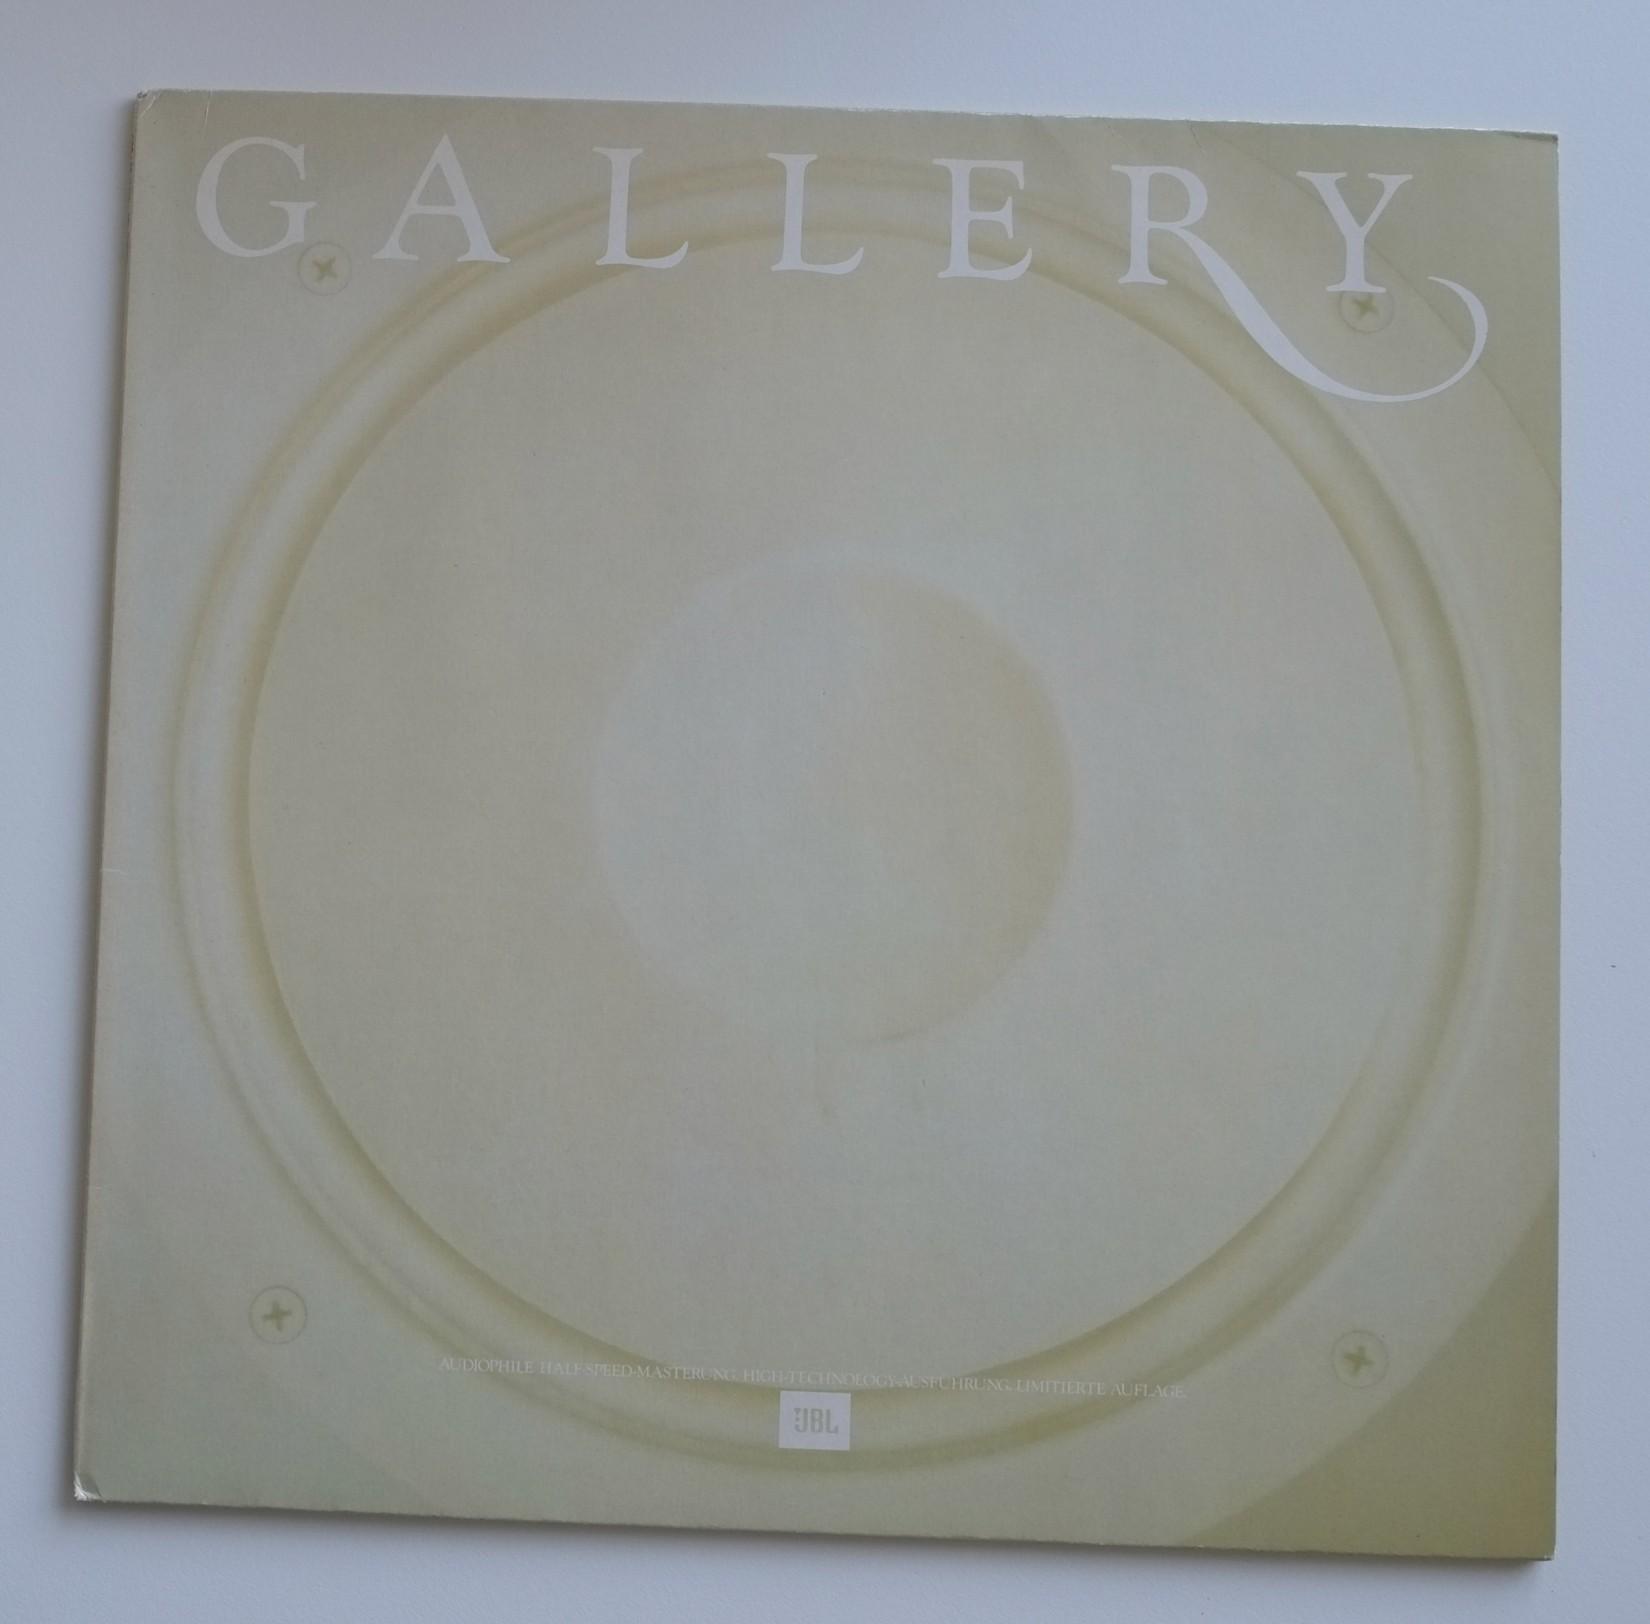 LP-JBL-Gallery-1